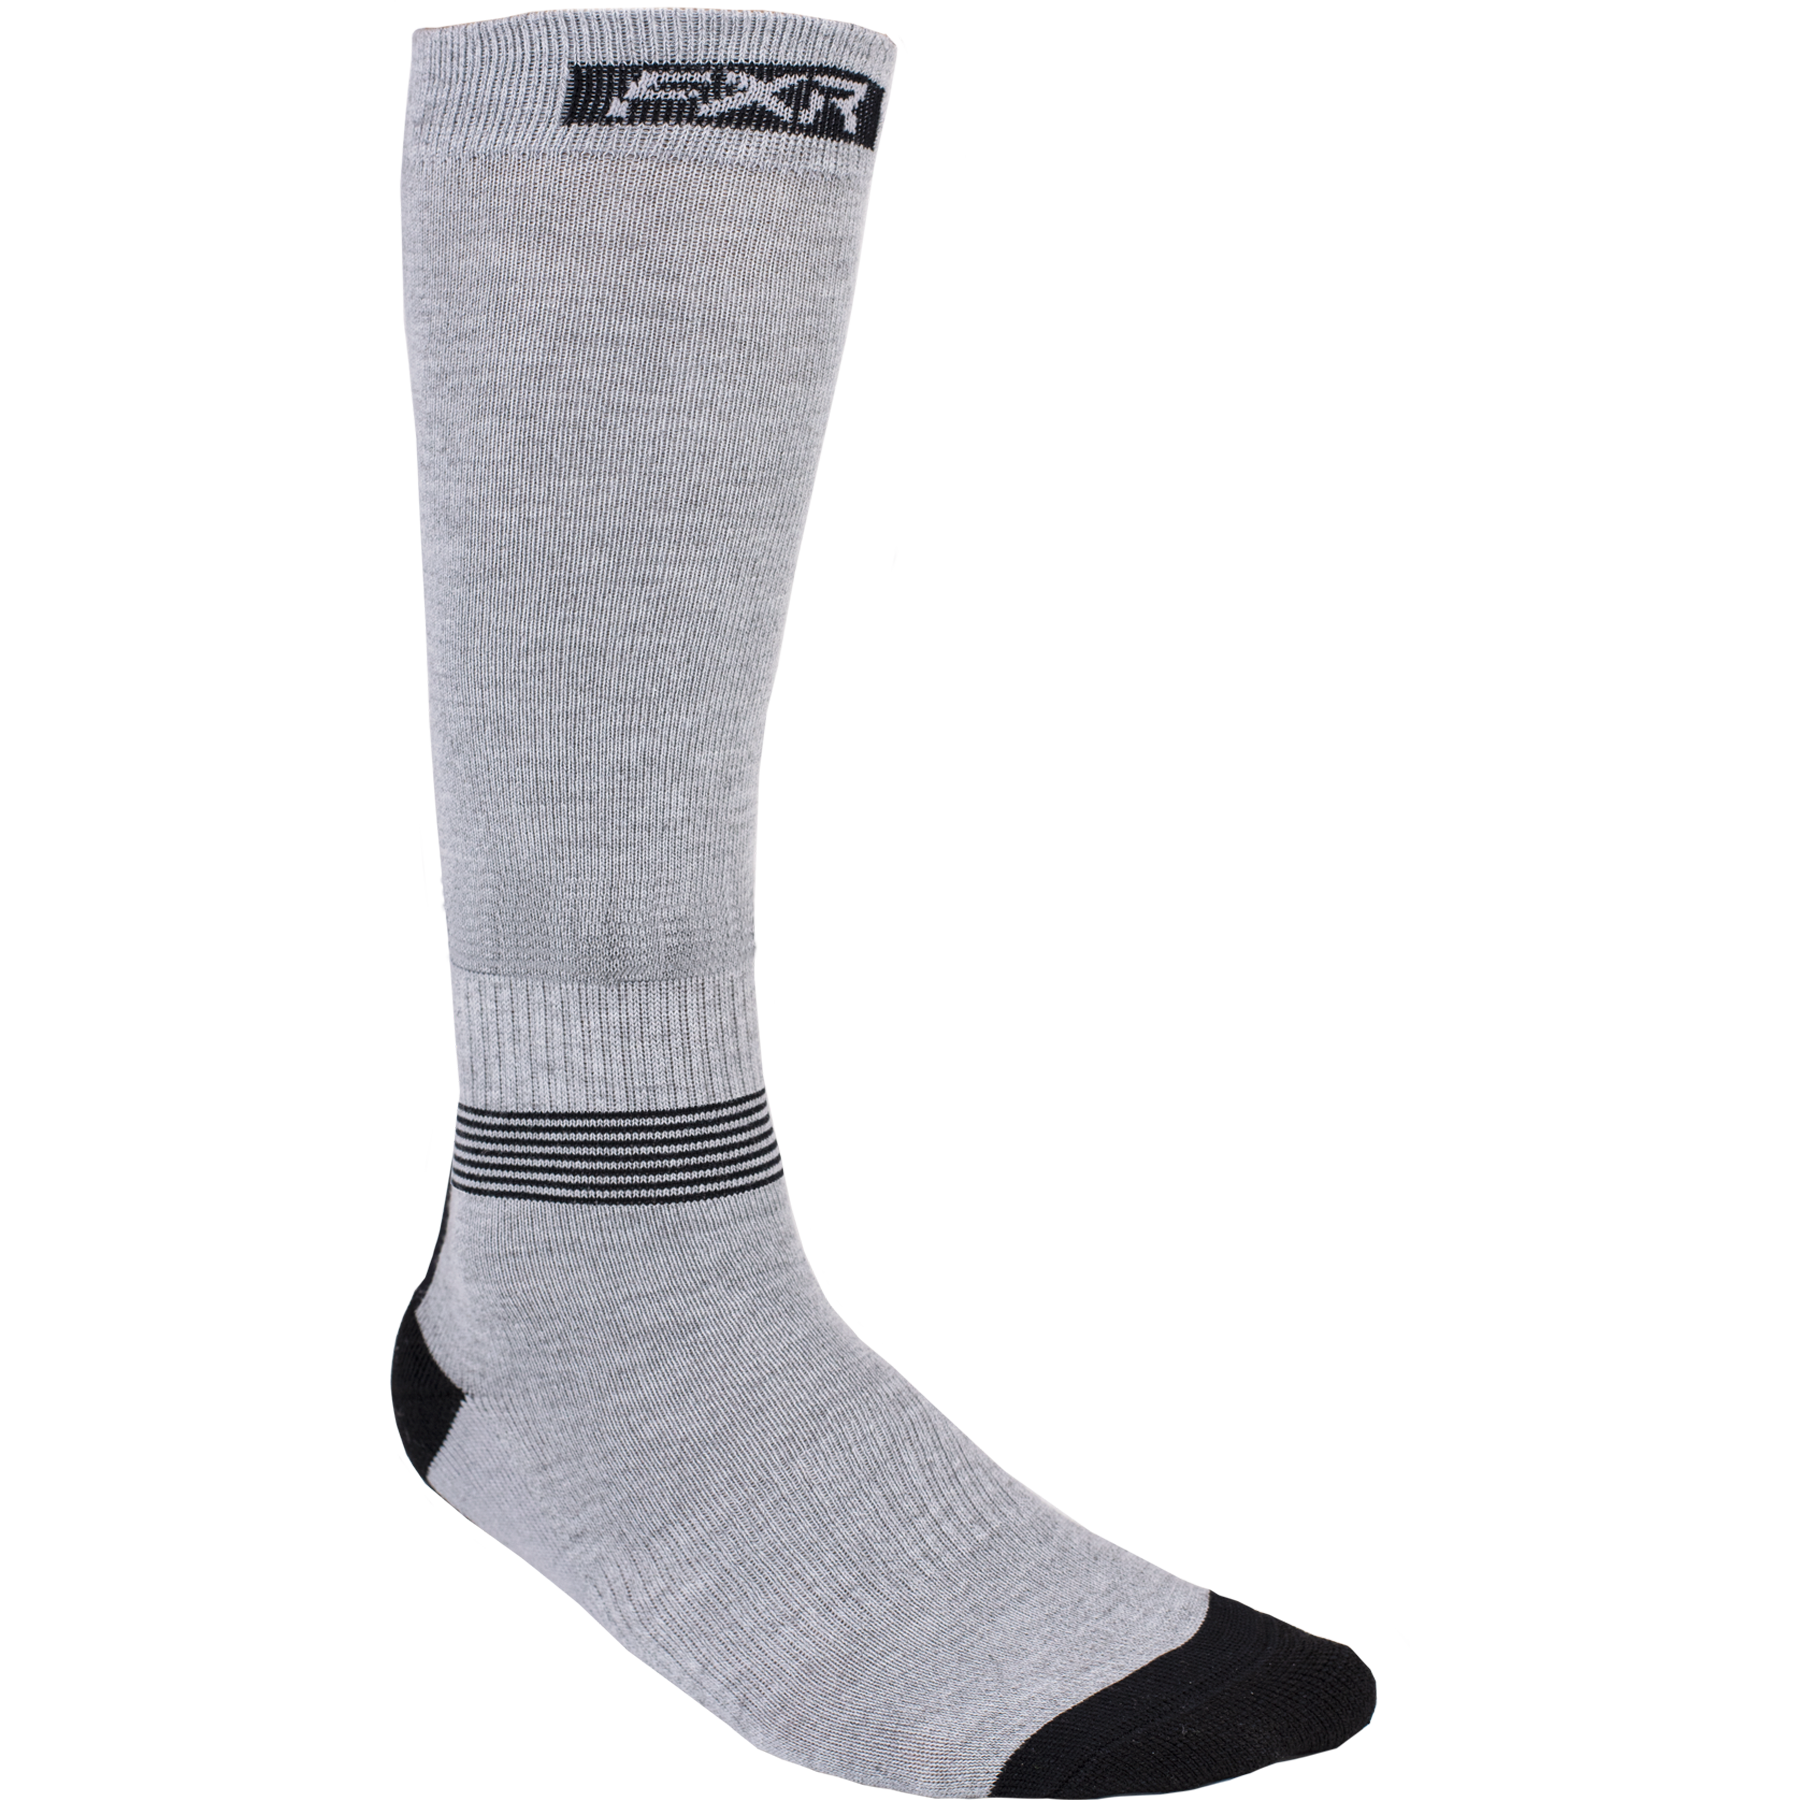 45 Mission Performance Socks 21